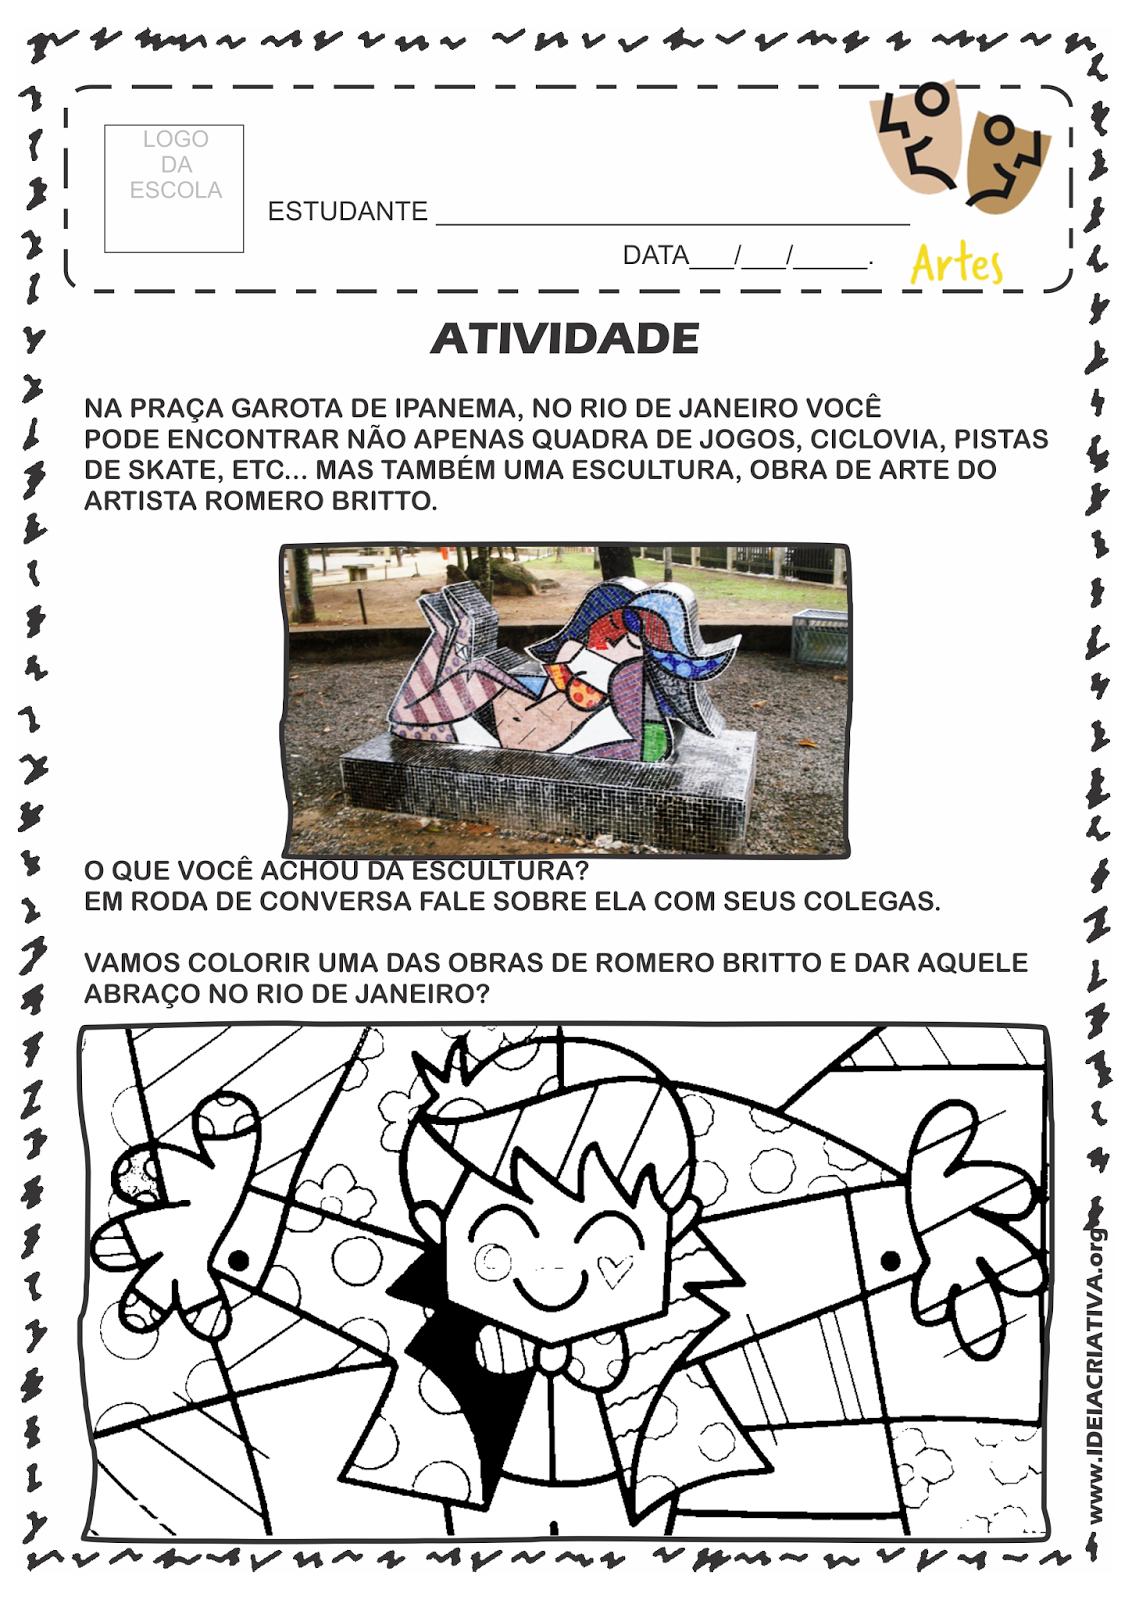 Atividade Rio 450 Anos Apreciação de Escultura de Romero Britto na praça Garota de Ipanema no Rio de Janeiro.